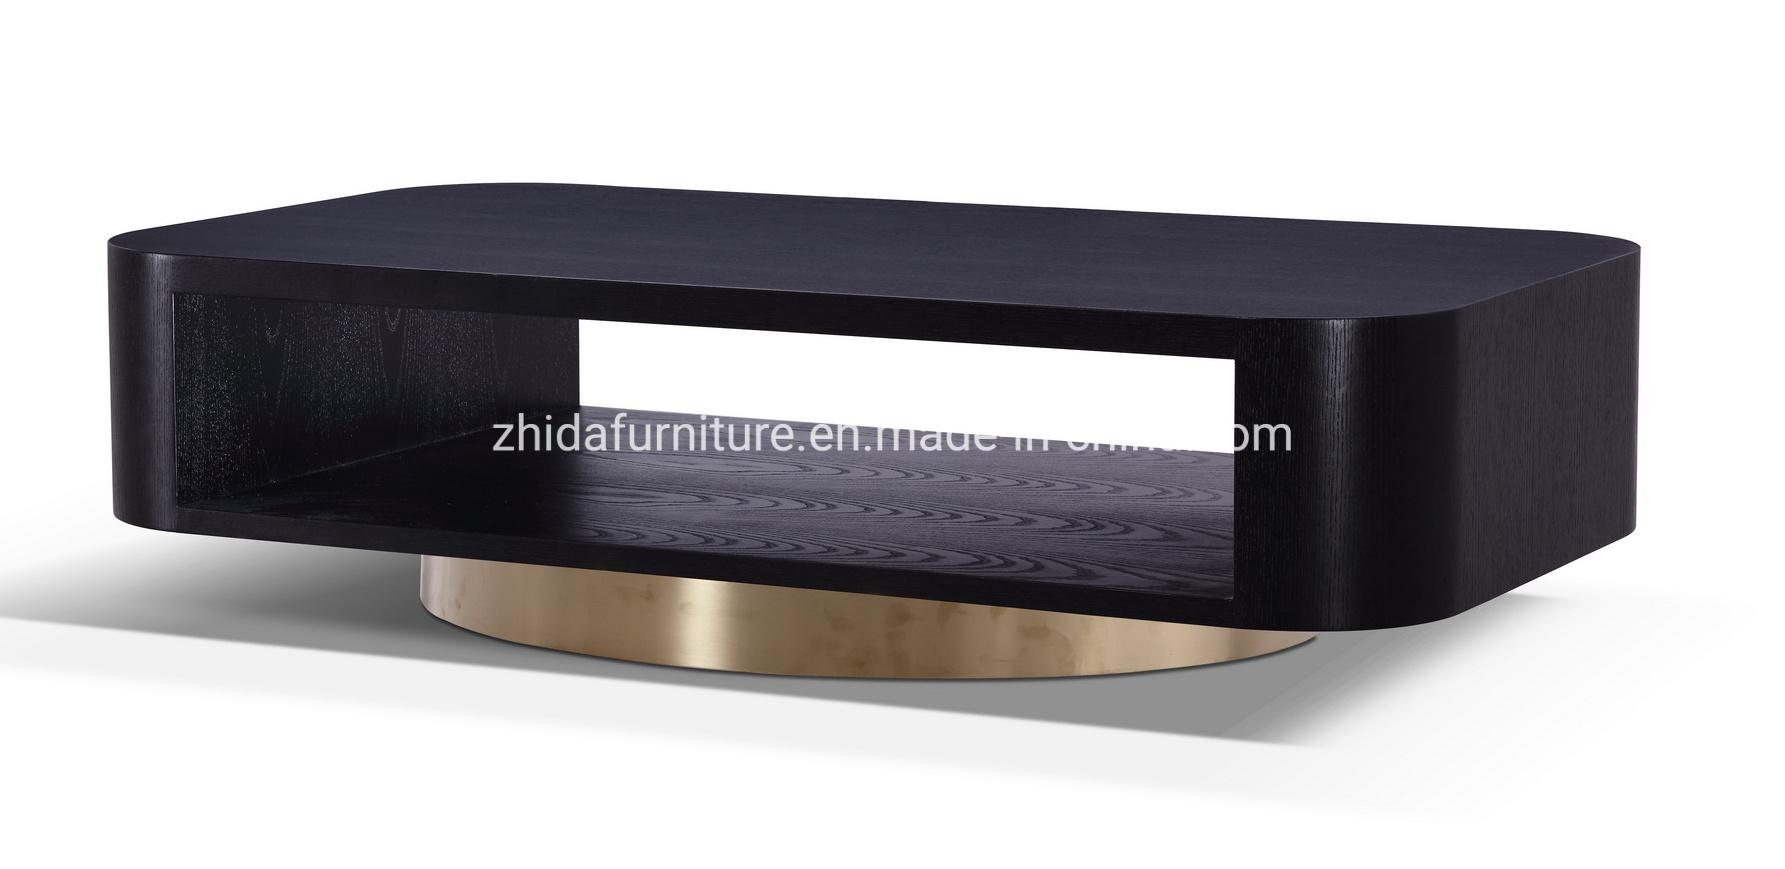 guangdong zhida furnishings industrial co ltd